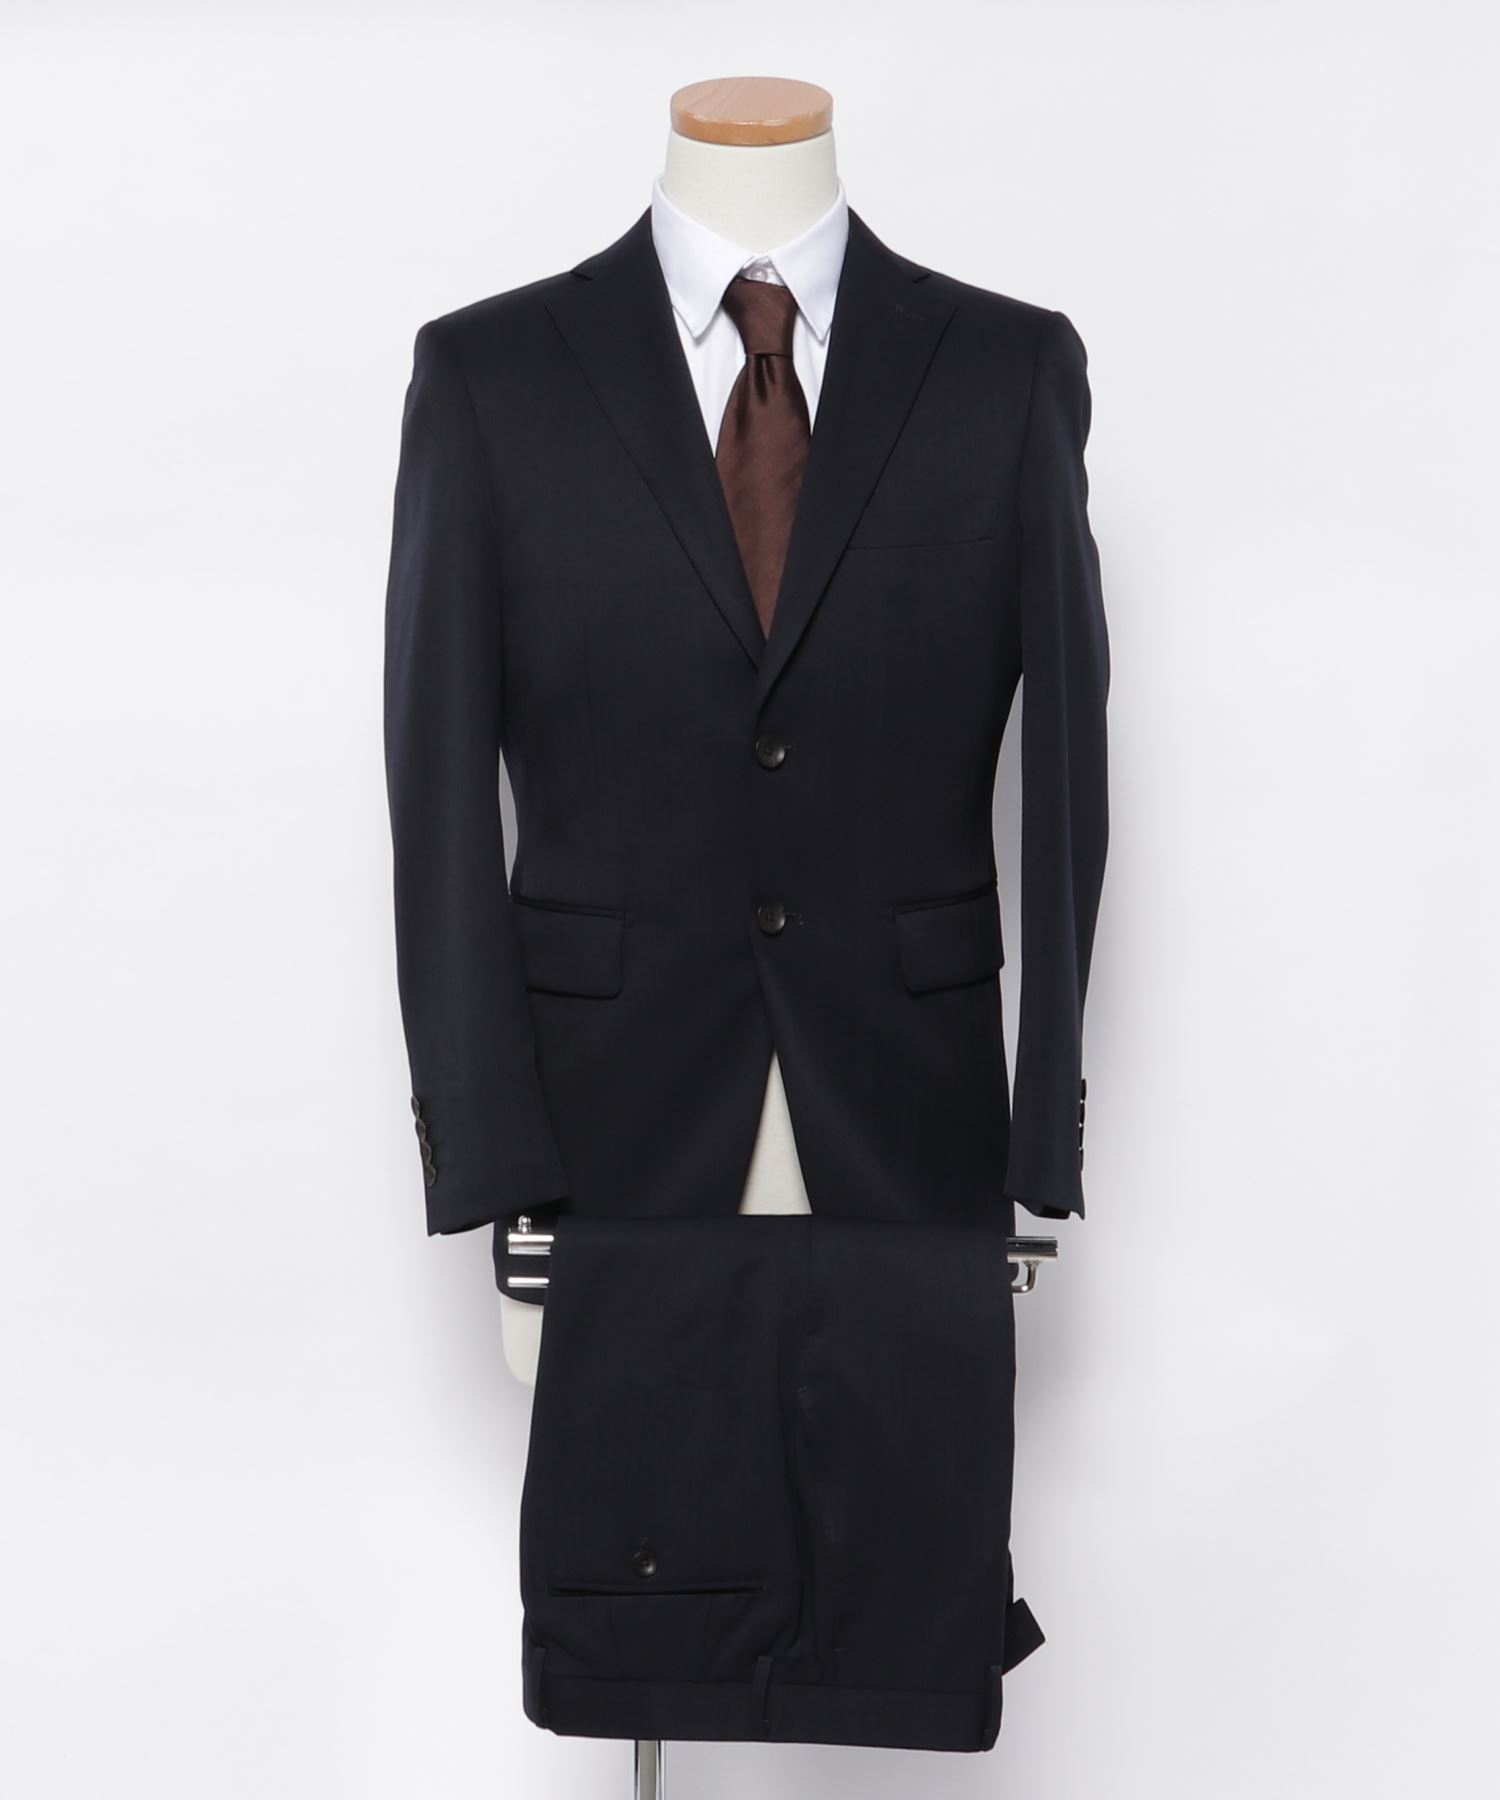 P100 2釦スーツ